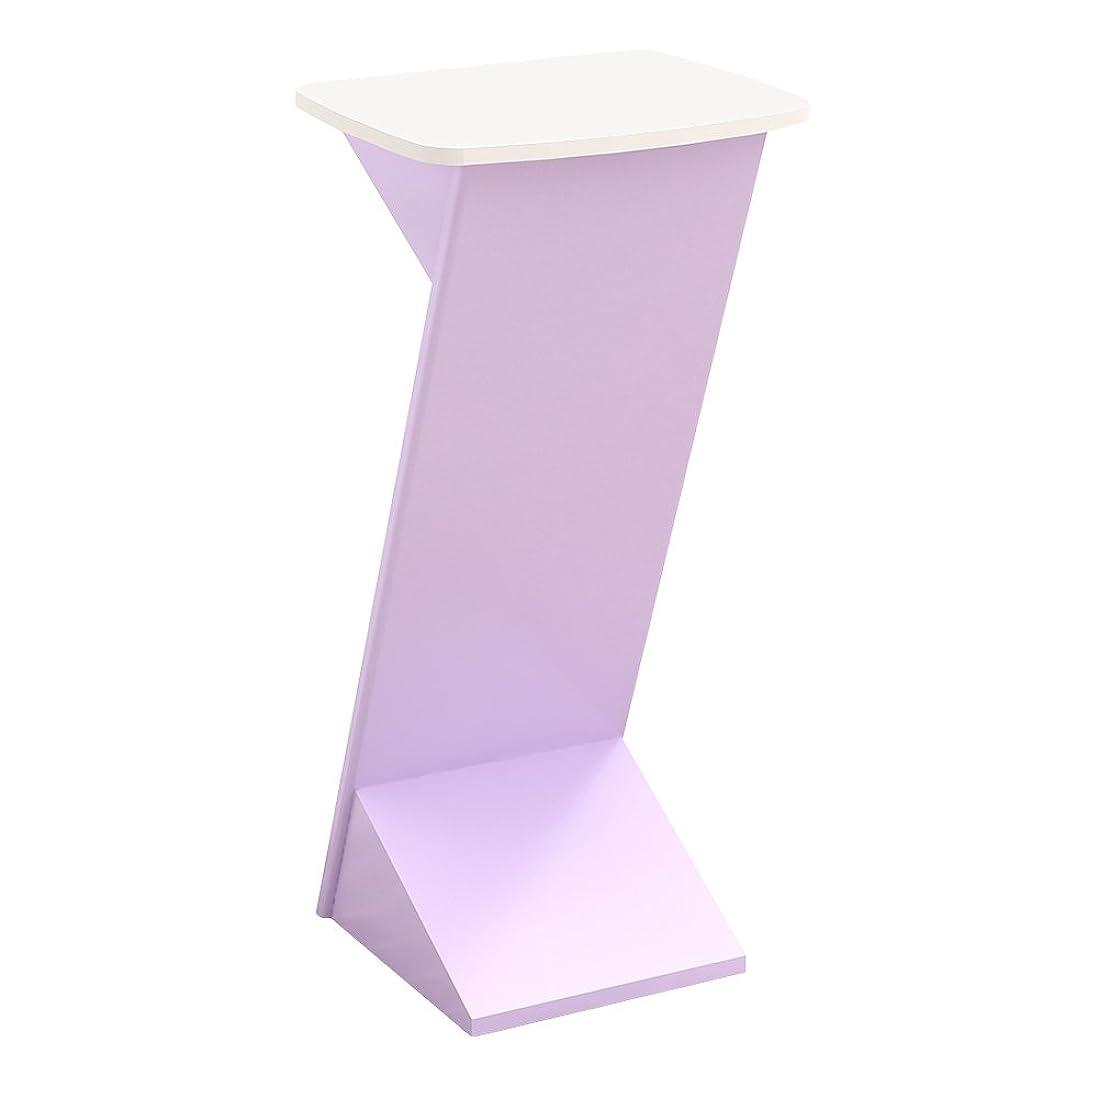 挑発する画像忘れる家具のAKIRA 受付台 おしゃれな電話台 テレフォンスタンド 無人カウンター ピンク